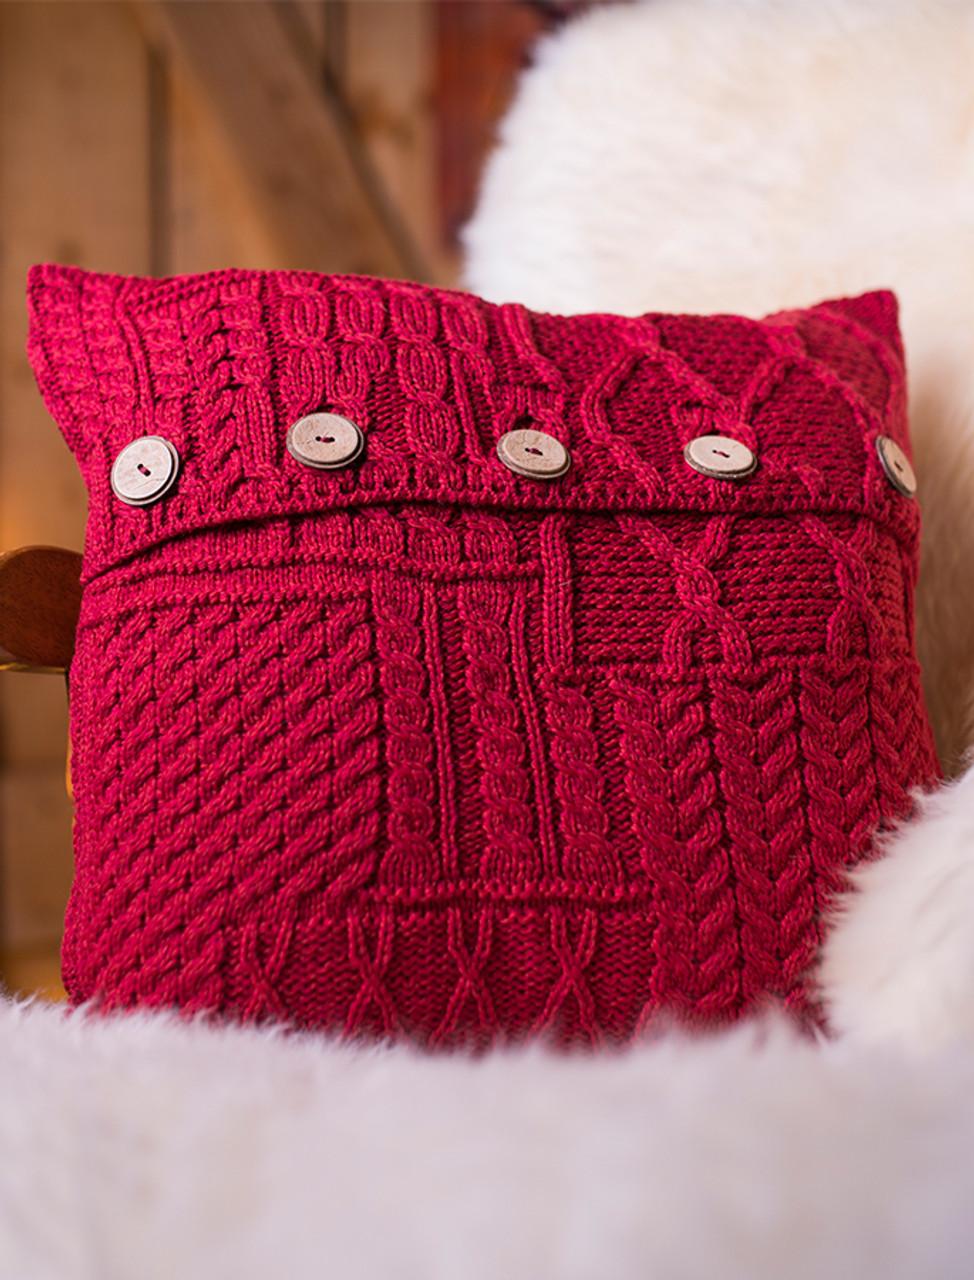 Aran Knit Cushion Cover